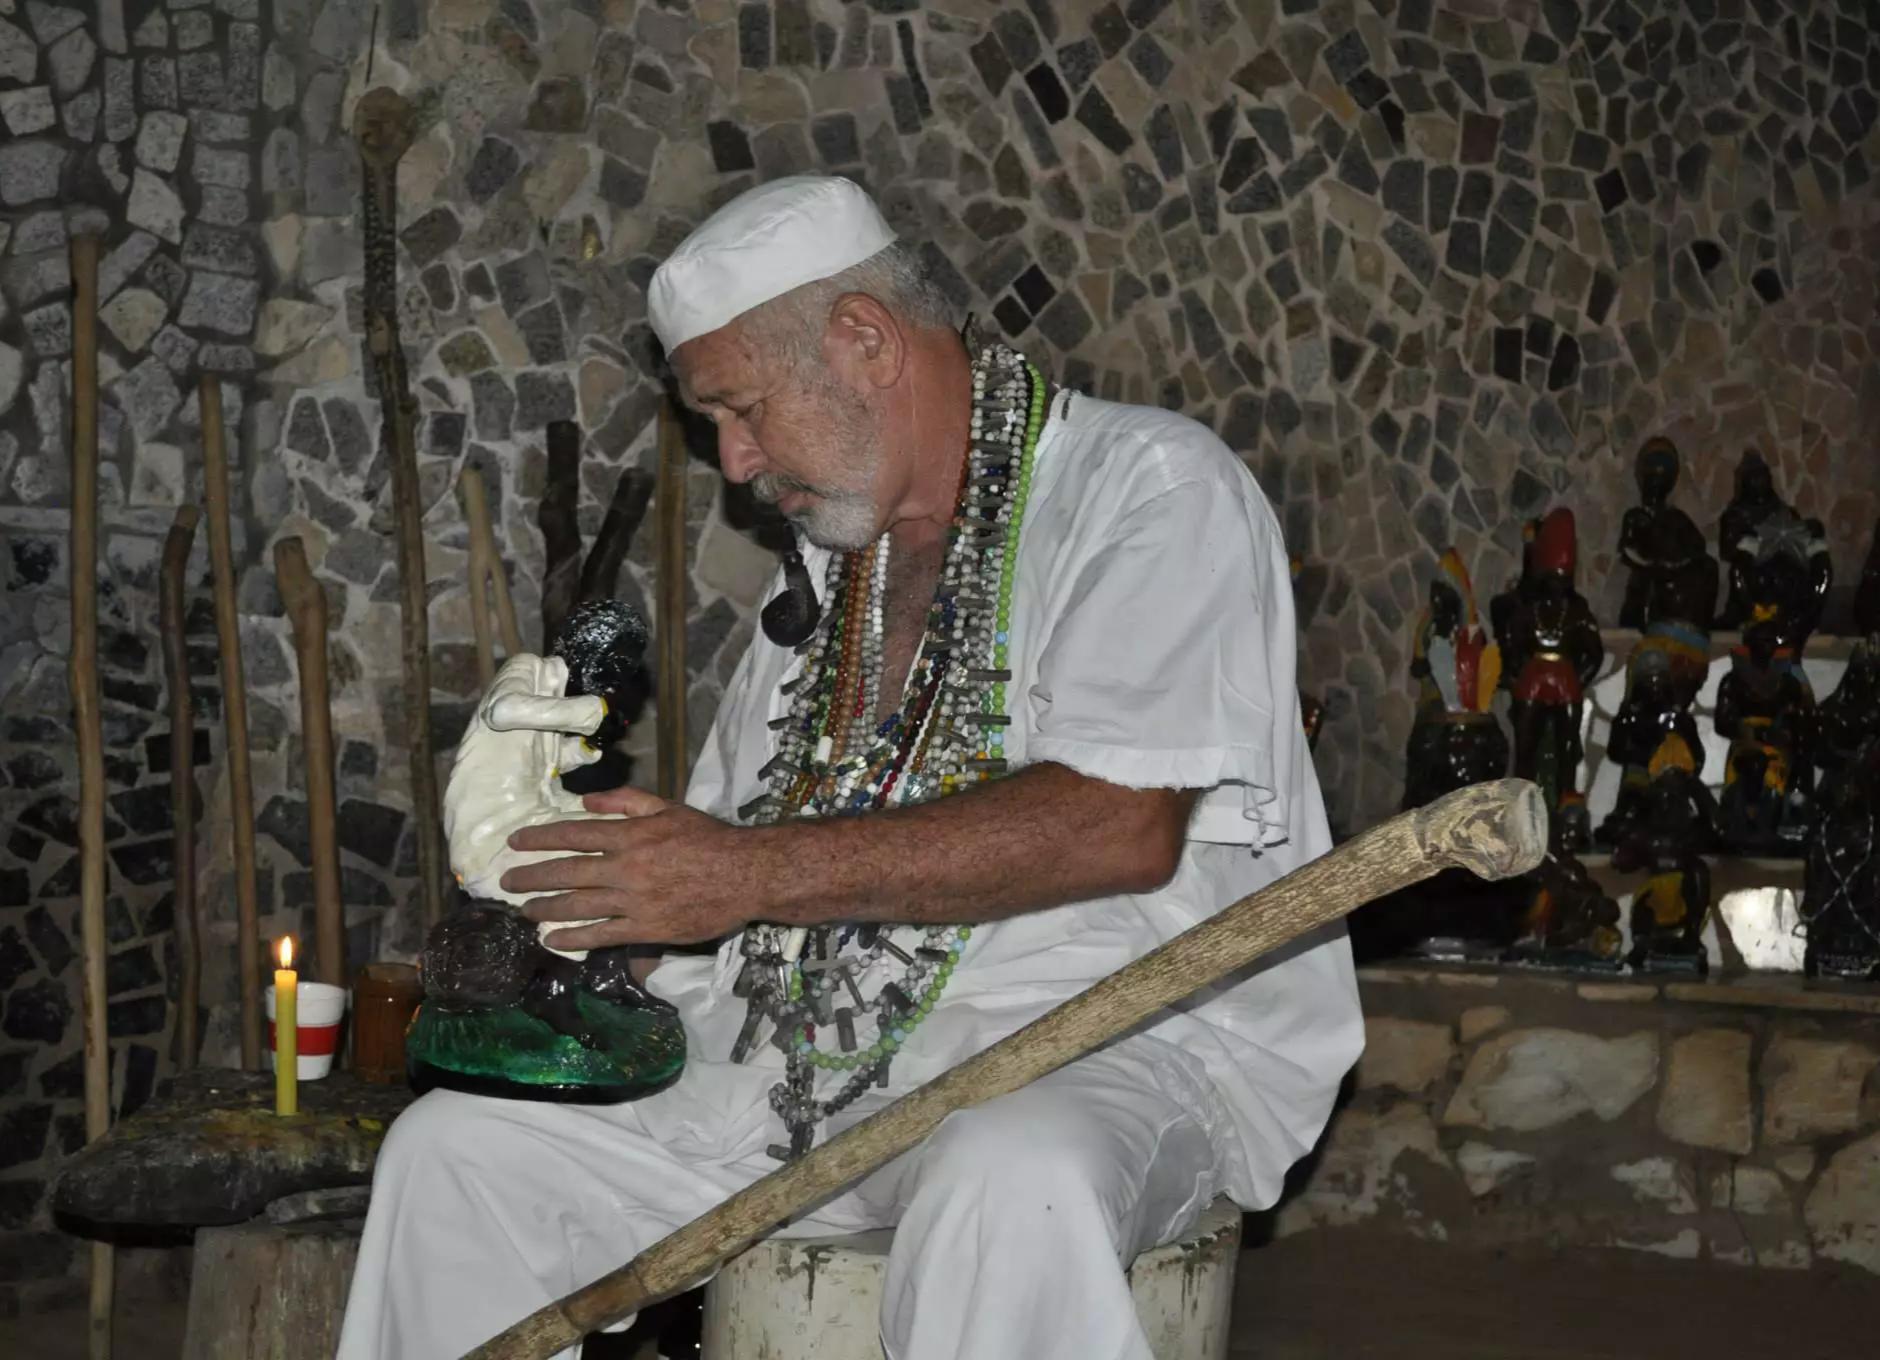 Pai Marcílio dá benção na figura que simboliza Preto Velho, uma das várias linhagens de entidades na umbanda brasileira (Foto: Reprodução/Facebook)